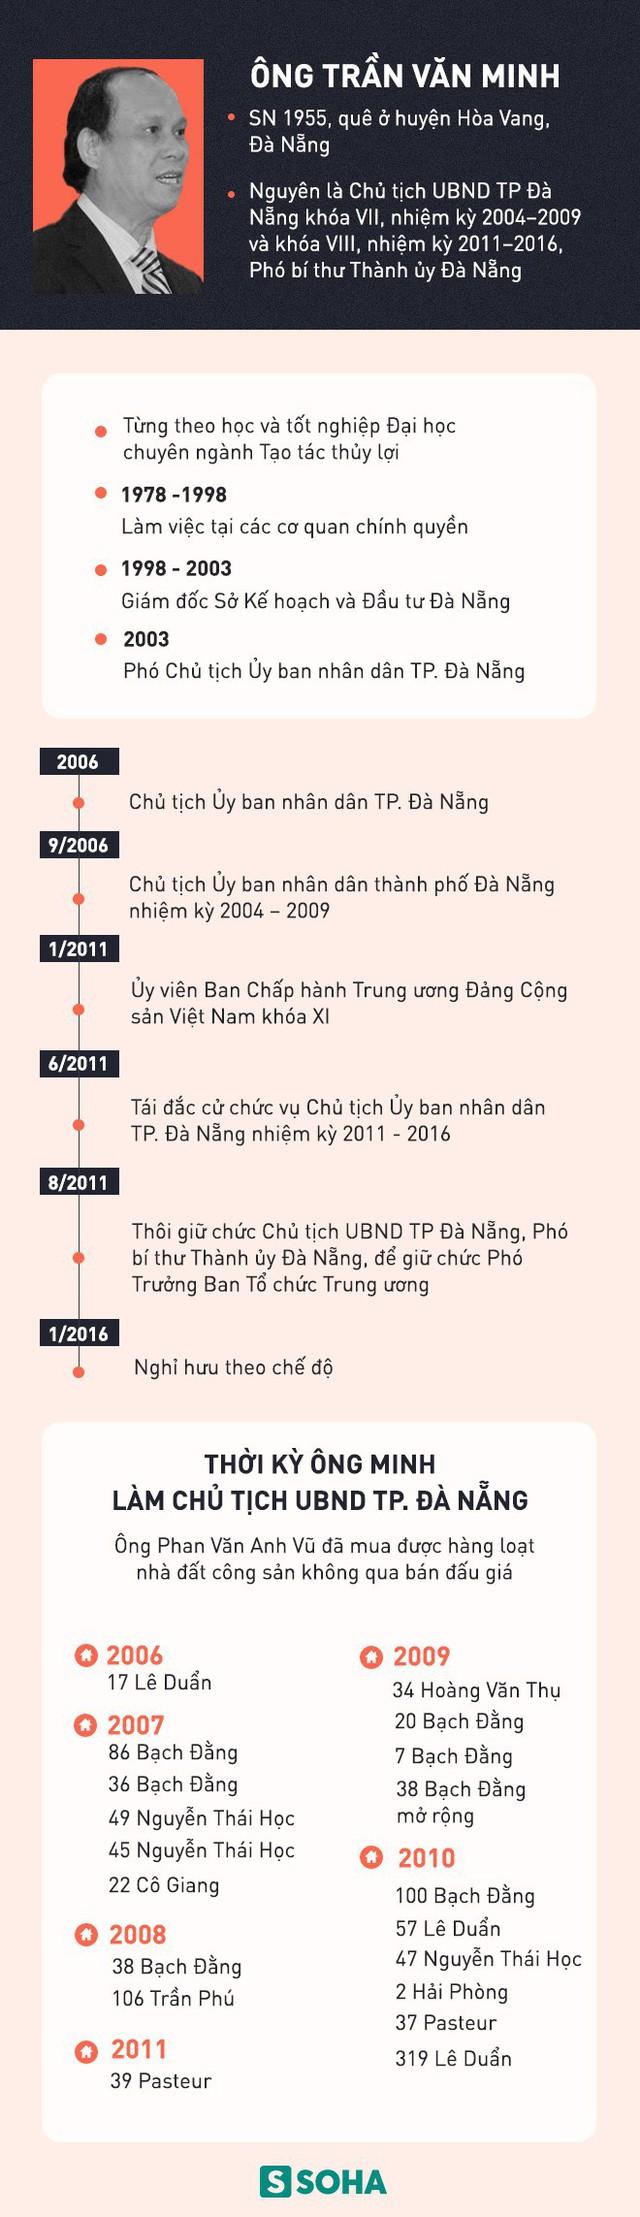 Quan lộ của cựu Chủ tịch Đà Nẵng Trần Văn Minh và mối liên hệ với Vũ Nhôm - Ảnh 2.